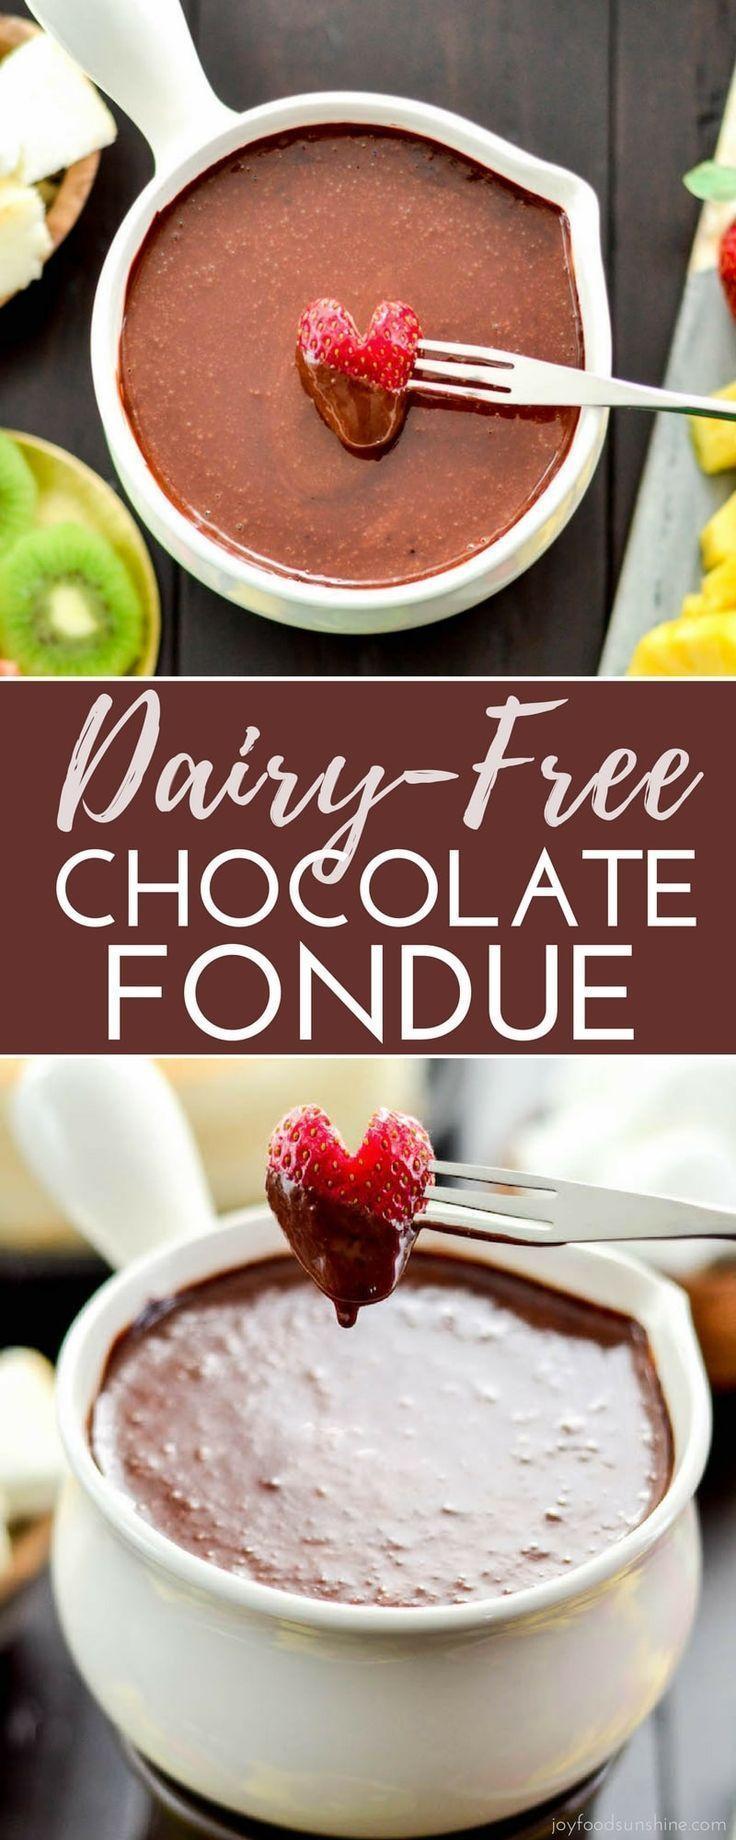 #dieses #genügen #leckere #Minuten #um #und #unglaublich #vega #vegan healthy recipes blog #Zutaten #zuzubereiten 5 minutes and 6 ingredients is all it takes to make this insanely delicious Vega...        5 Minuten und 6 Zutaten genügen, um dieses wahnsinnig leckere vegane Schokoladenfondue-Rezept zuzubereiten! #vegan #Fondue #Schokolade #milchfrei #chocolatefonduerecipes